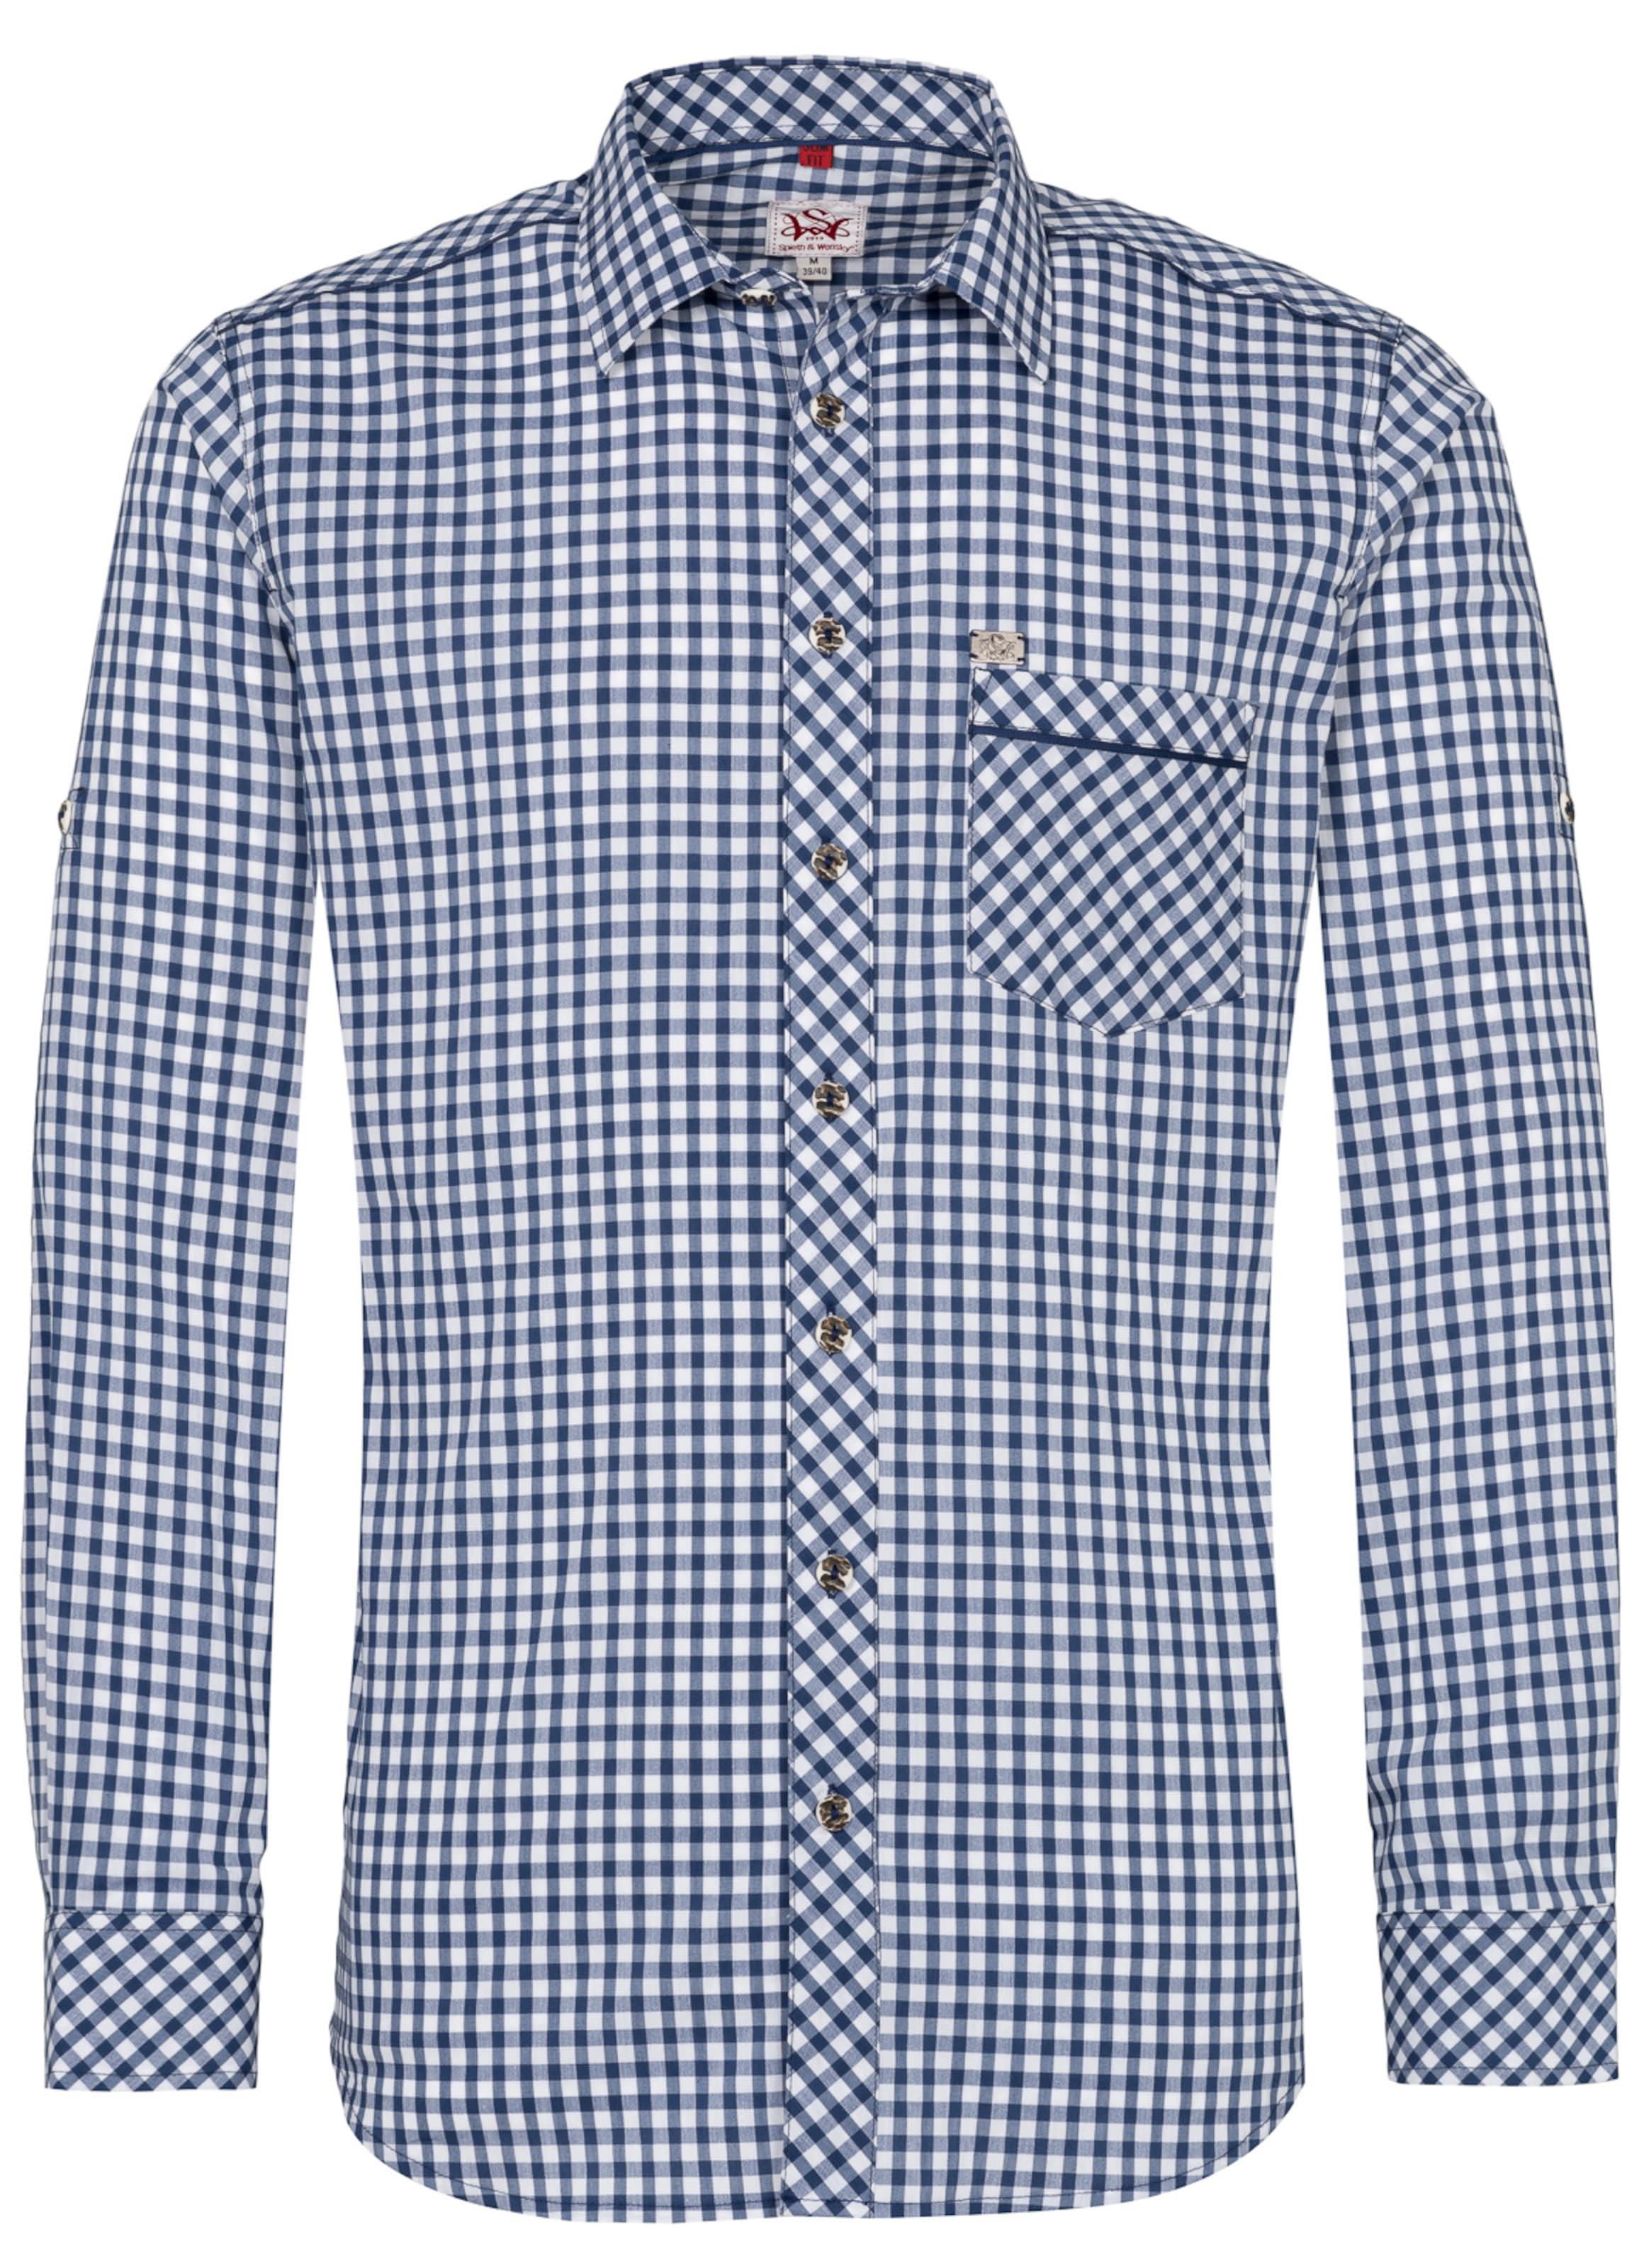 'guttenberg' Wensky Weiß Hemd In RauchblauDunkelblau Spiethamp; srtdChQ